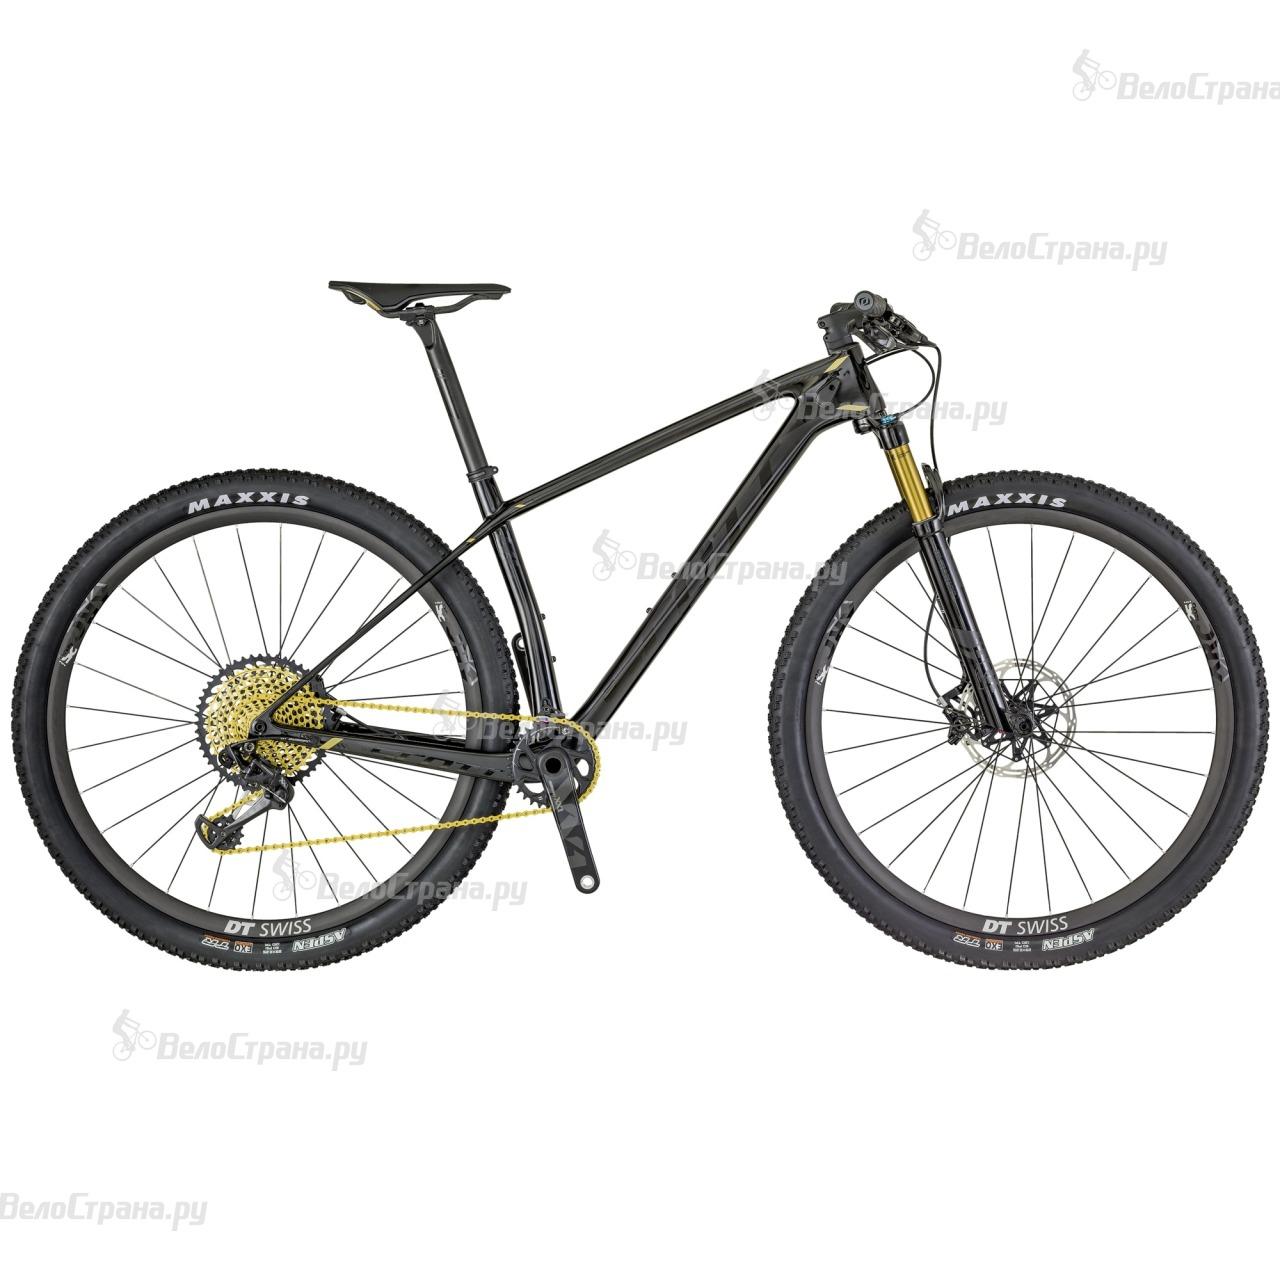 Велосипед Scott Scale RC 900 SL (2018) велосипед scott scale 700 premium 2015